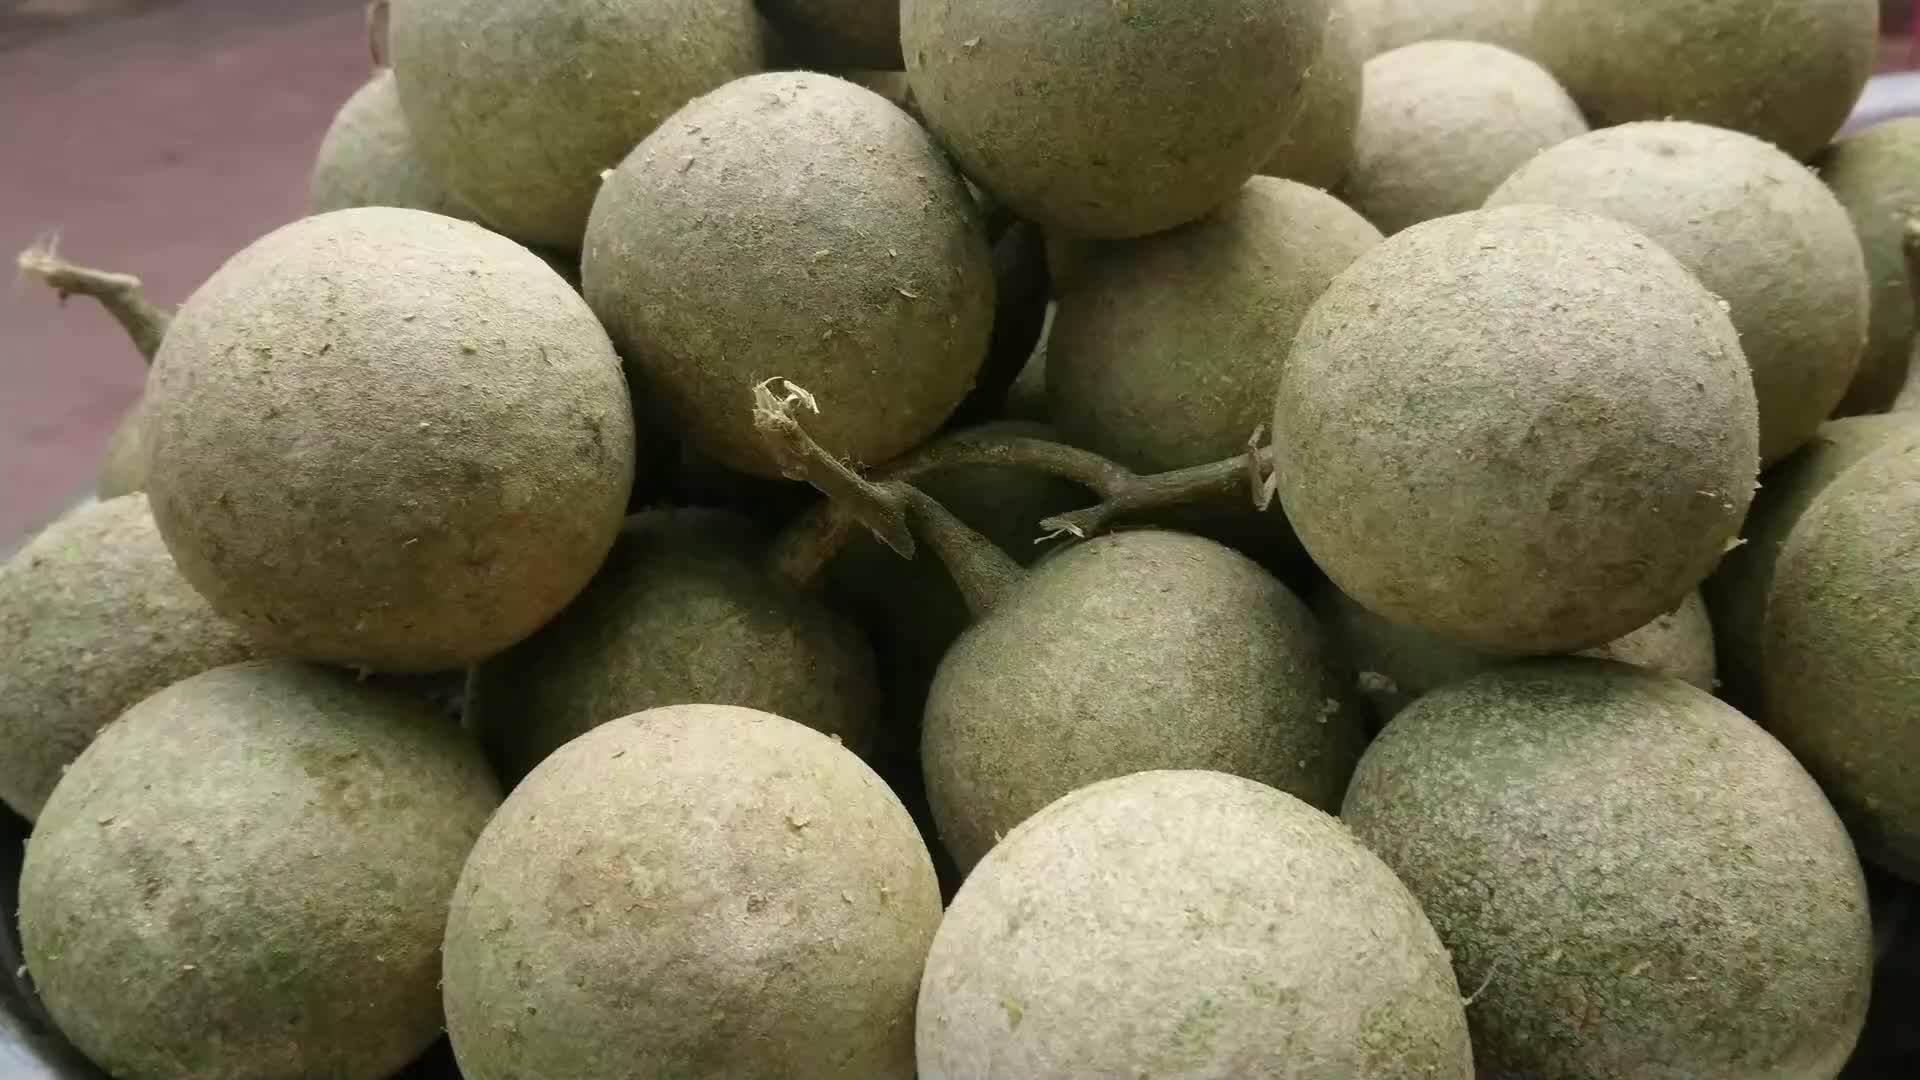 印度街头的重口味水果,挖出果泥放入配料搅一搅,看着就没食欲!